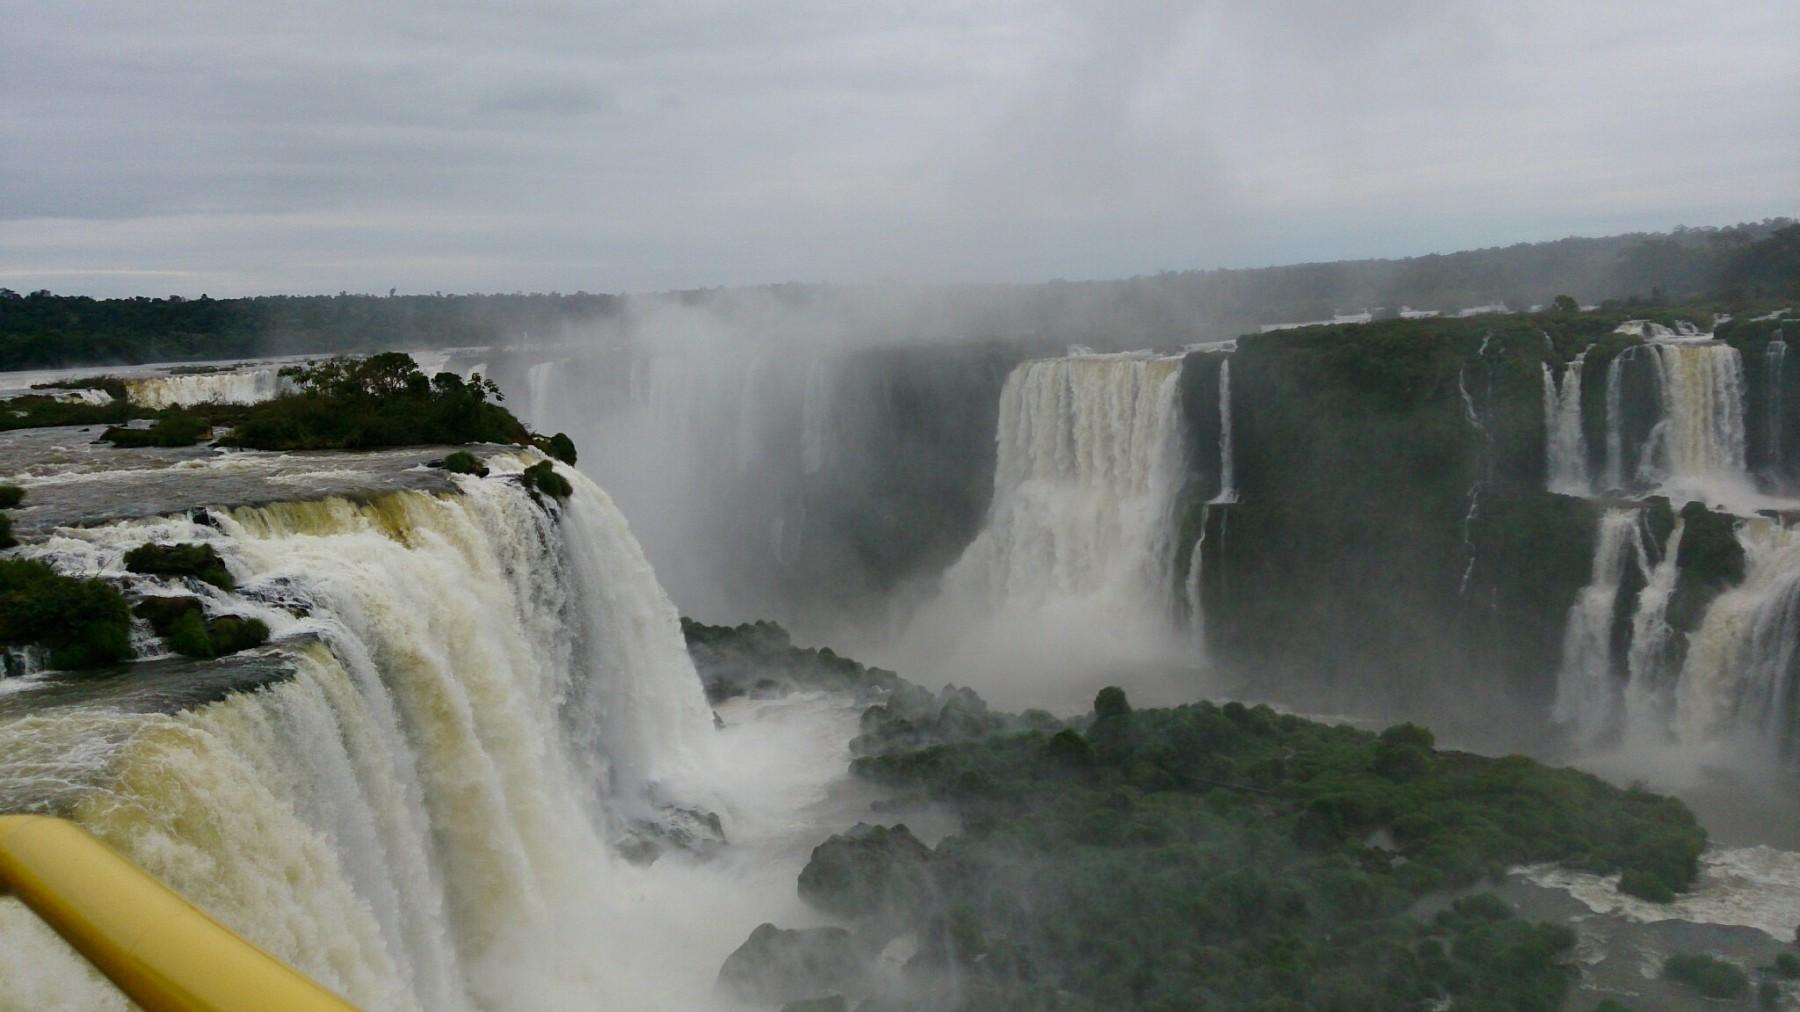 Roteiro-foz-do-iguaçu-cataratas-brasil-4-1800x1012 Roteiro Foz do Iguaçu Completo (e ÉPICO) - 3 a 5 dias